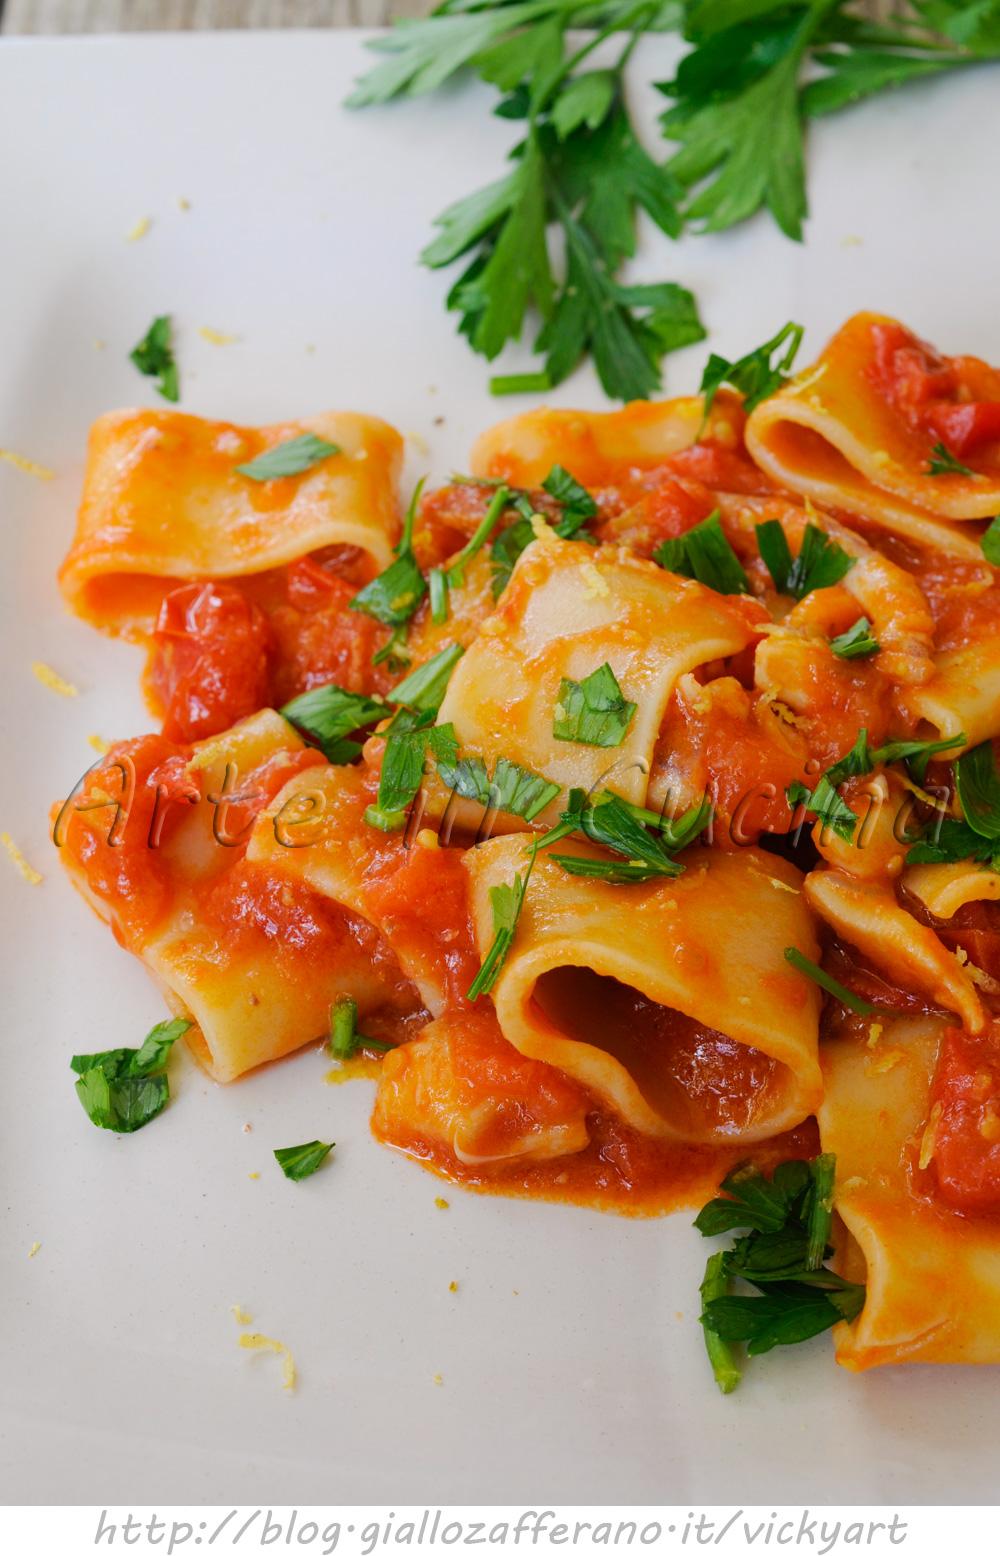 Cucina siciliana ricette con foto ricette popolari sito for Cucina facile ricette